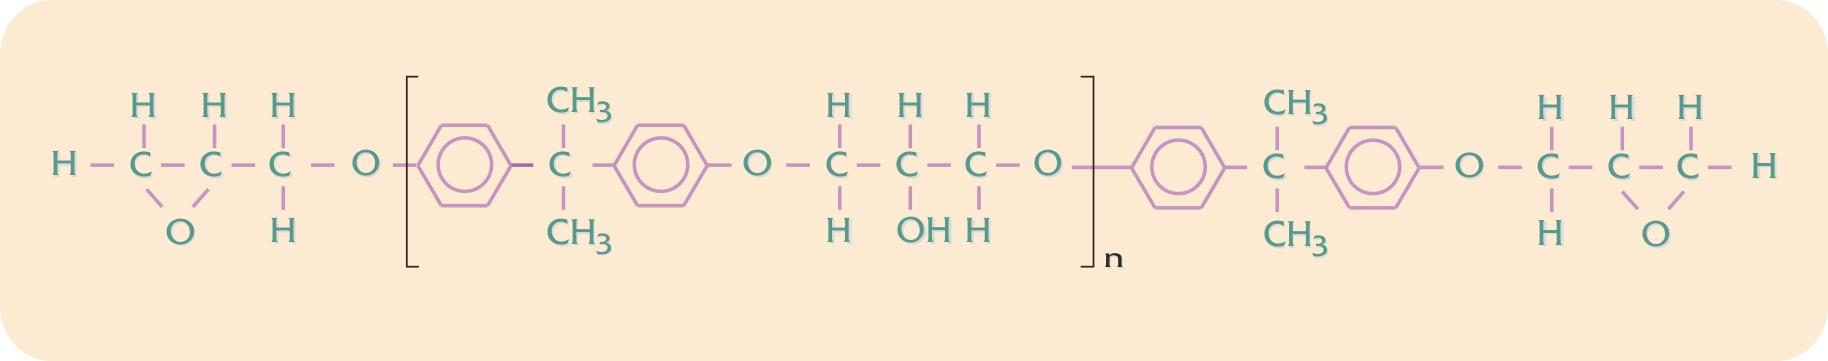 Kemisk sammensætning af epoxyharpiks på basis af epichlorhydrin og bisphenol A forud for hærdning